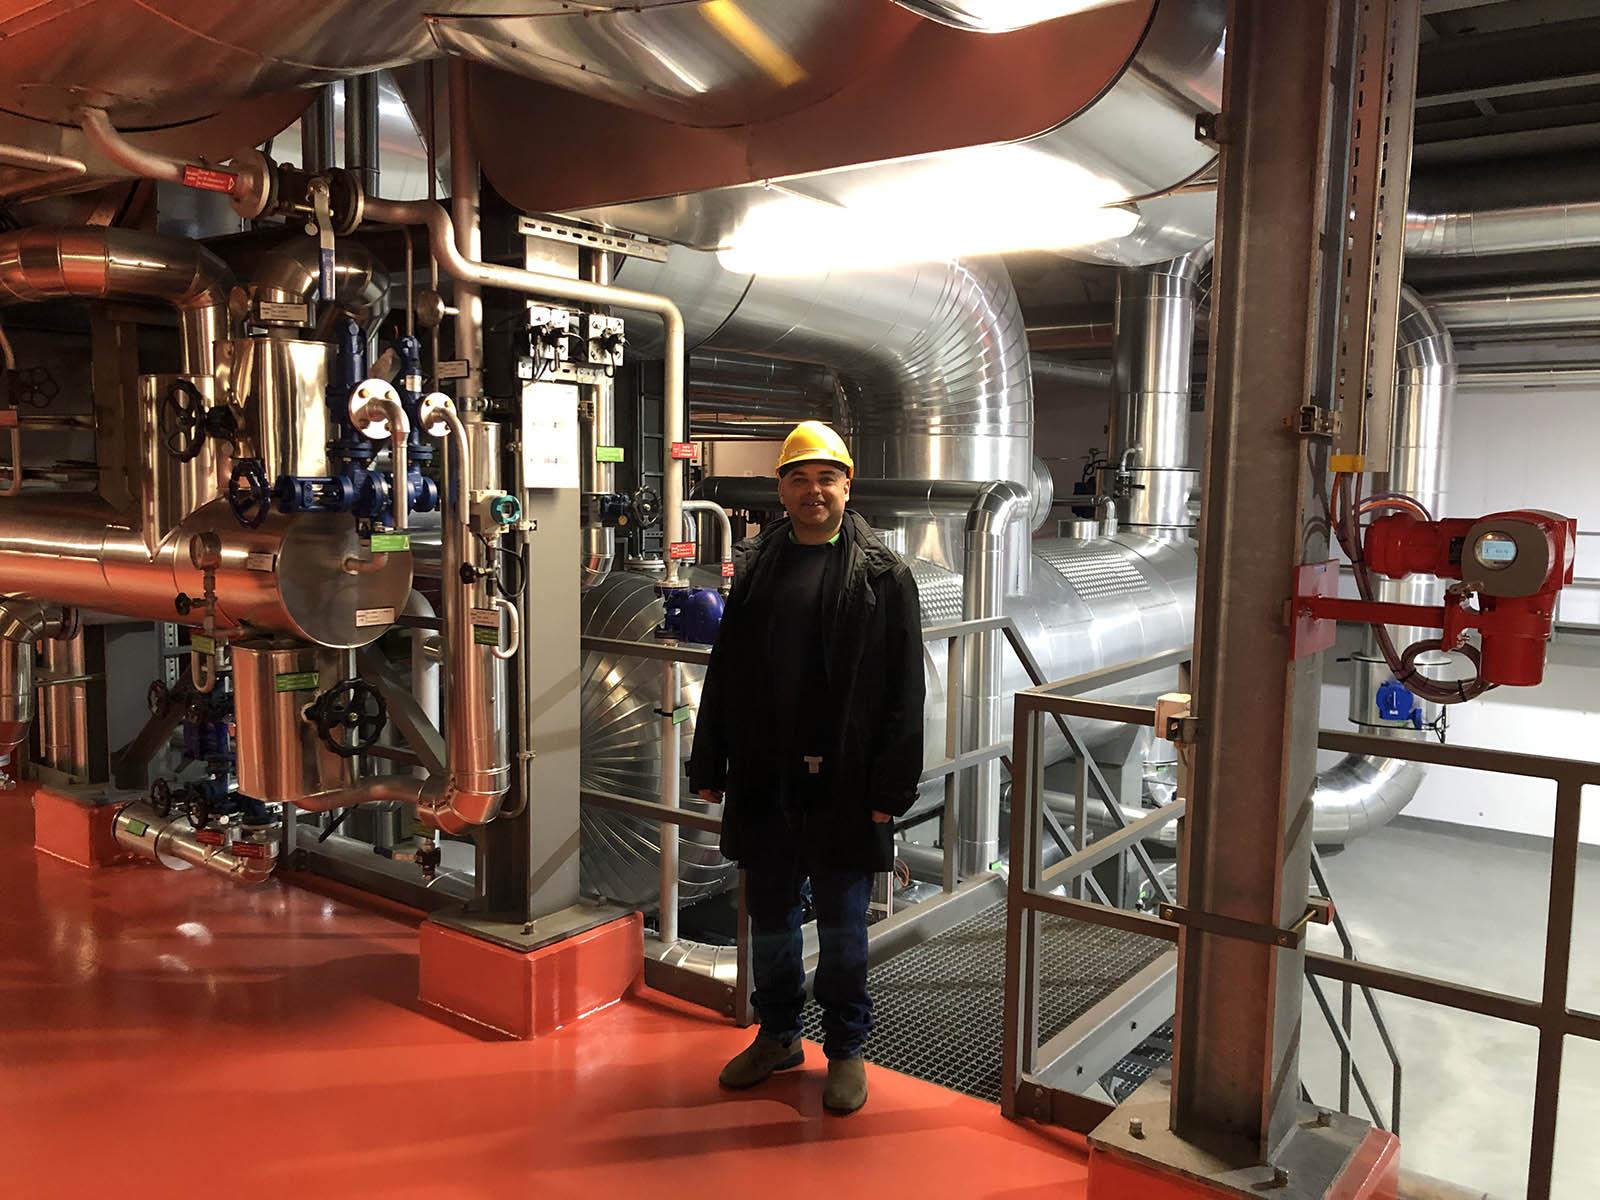 Ronny Siev, Gemeinderat GLP (Kreis 10), bei einer Besichtigung in der Kehrichtverbrennungsanlage Hagenholz.